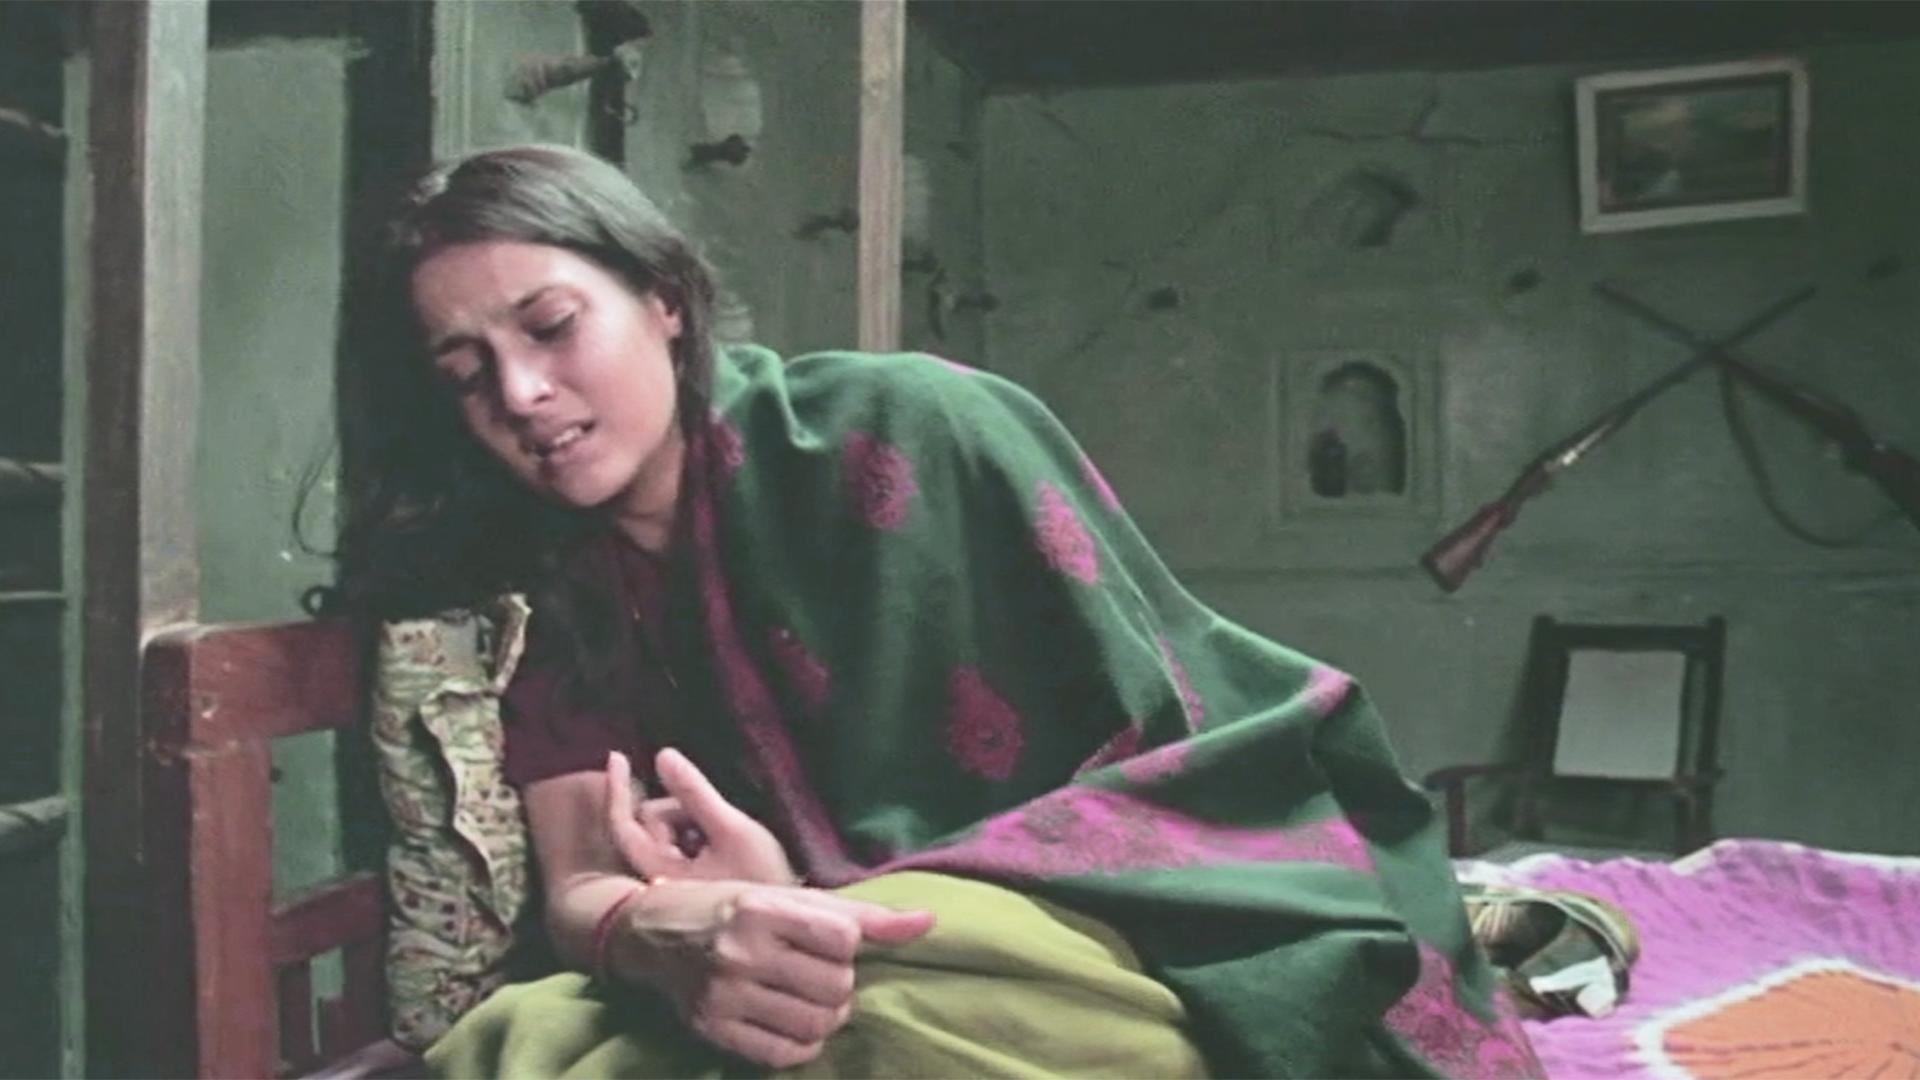 没有女人的国家,女人一天内嫁给五个丈夫,连公公也要插进来#印度#社会